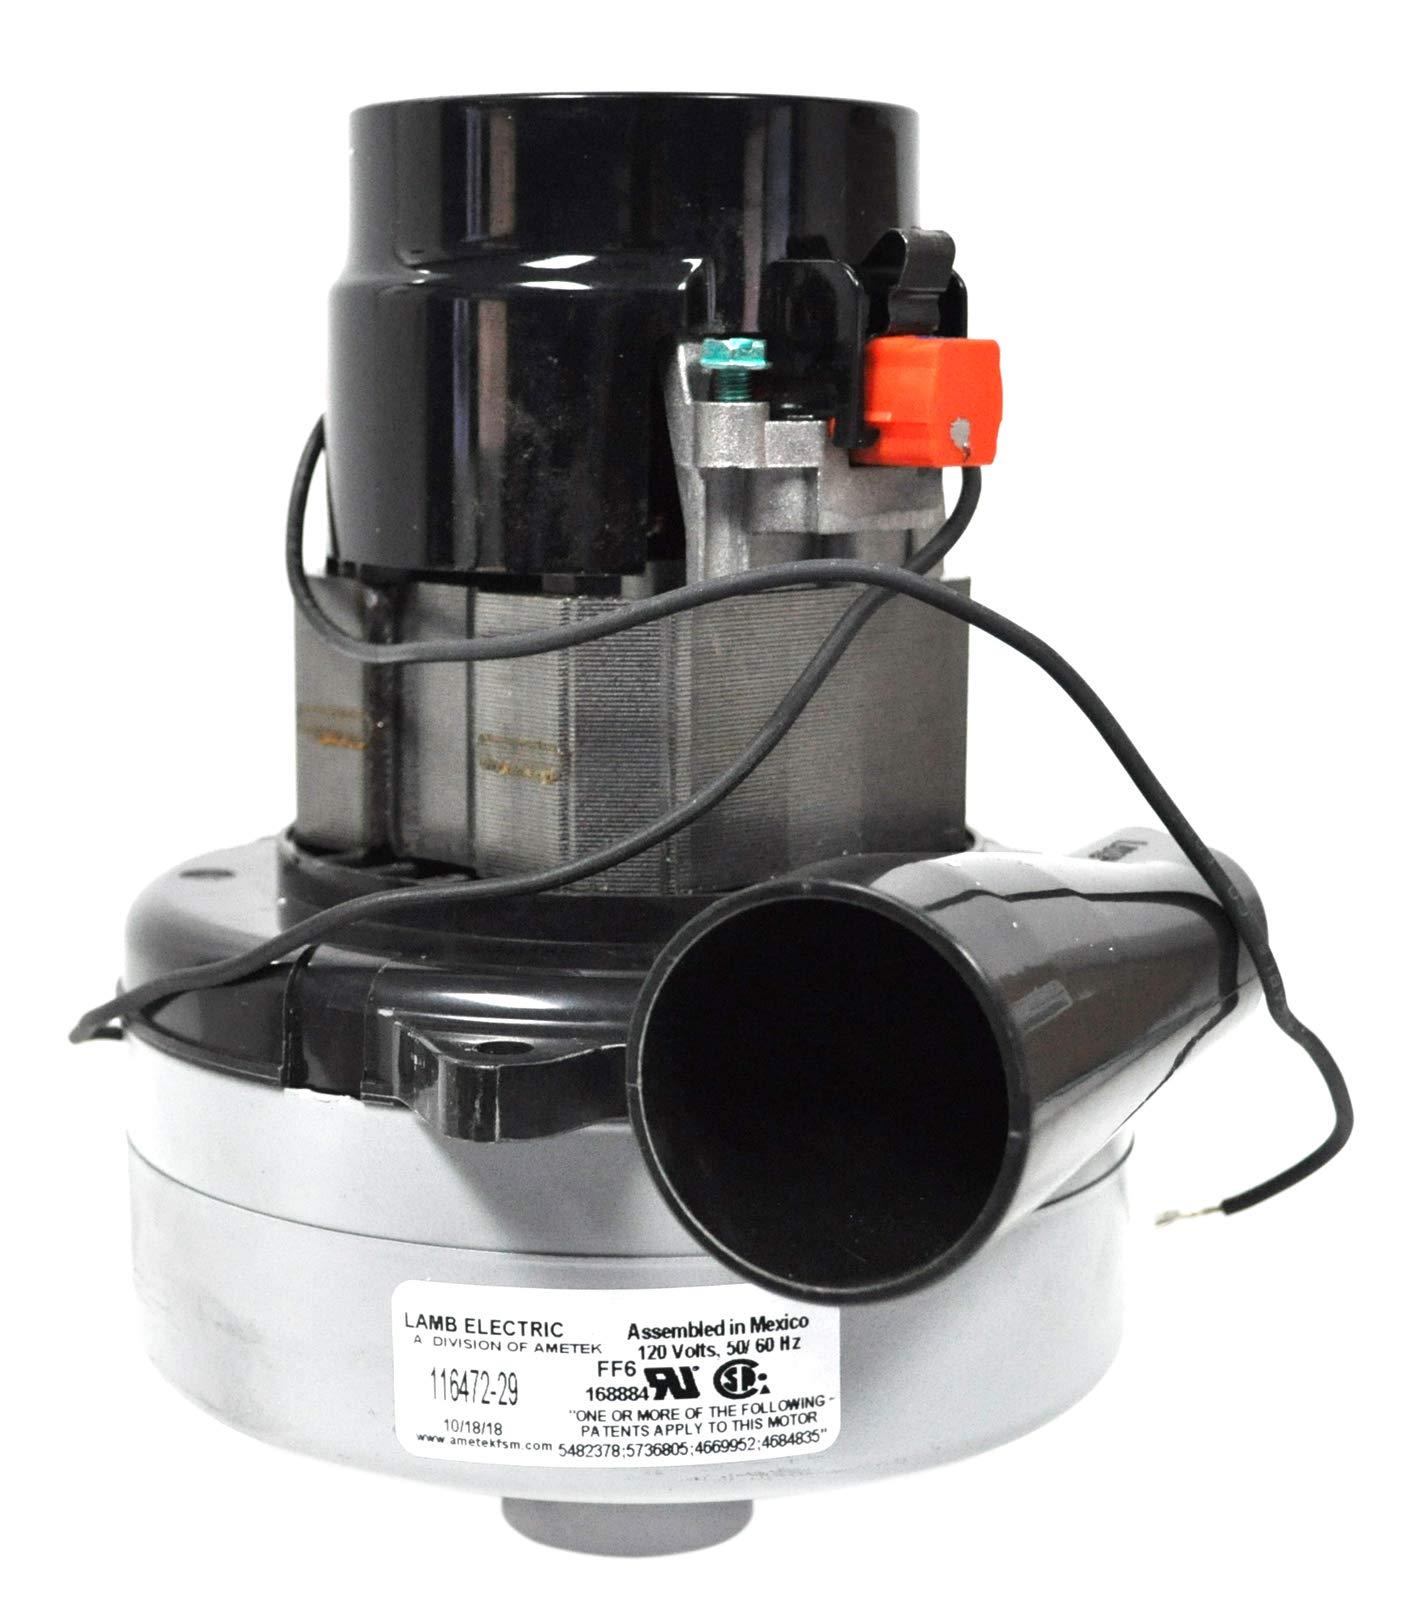 Ametek Lamb 5.7 Inch 2 Stage 120 Volt B/B Tangential Bypass Vacuum Motor 116472-29 by Ametek